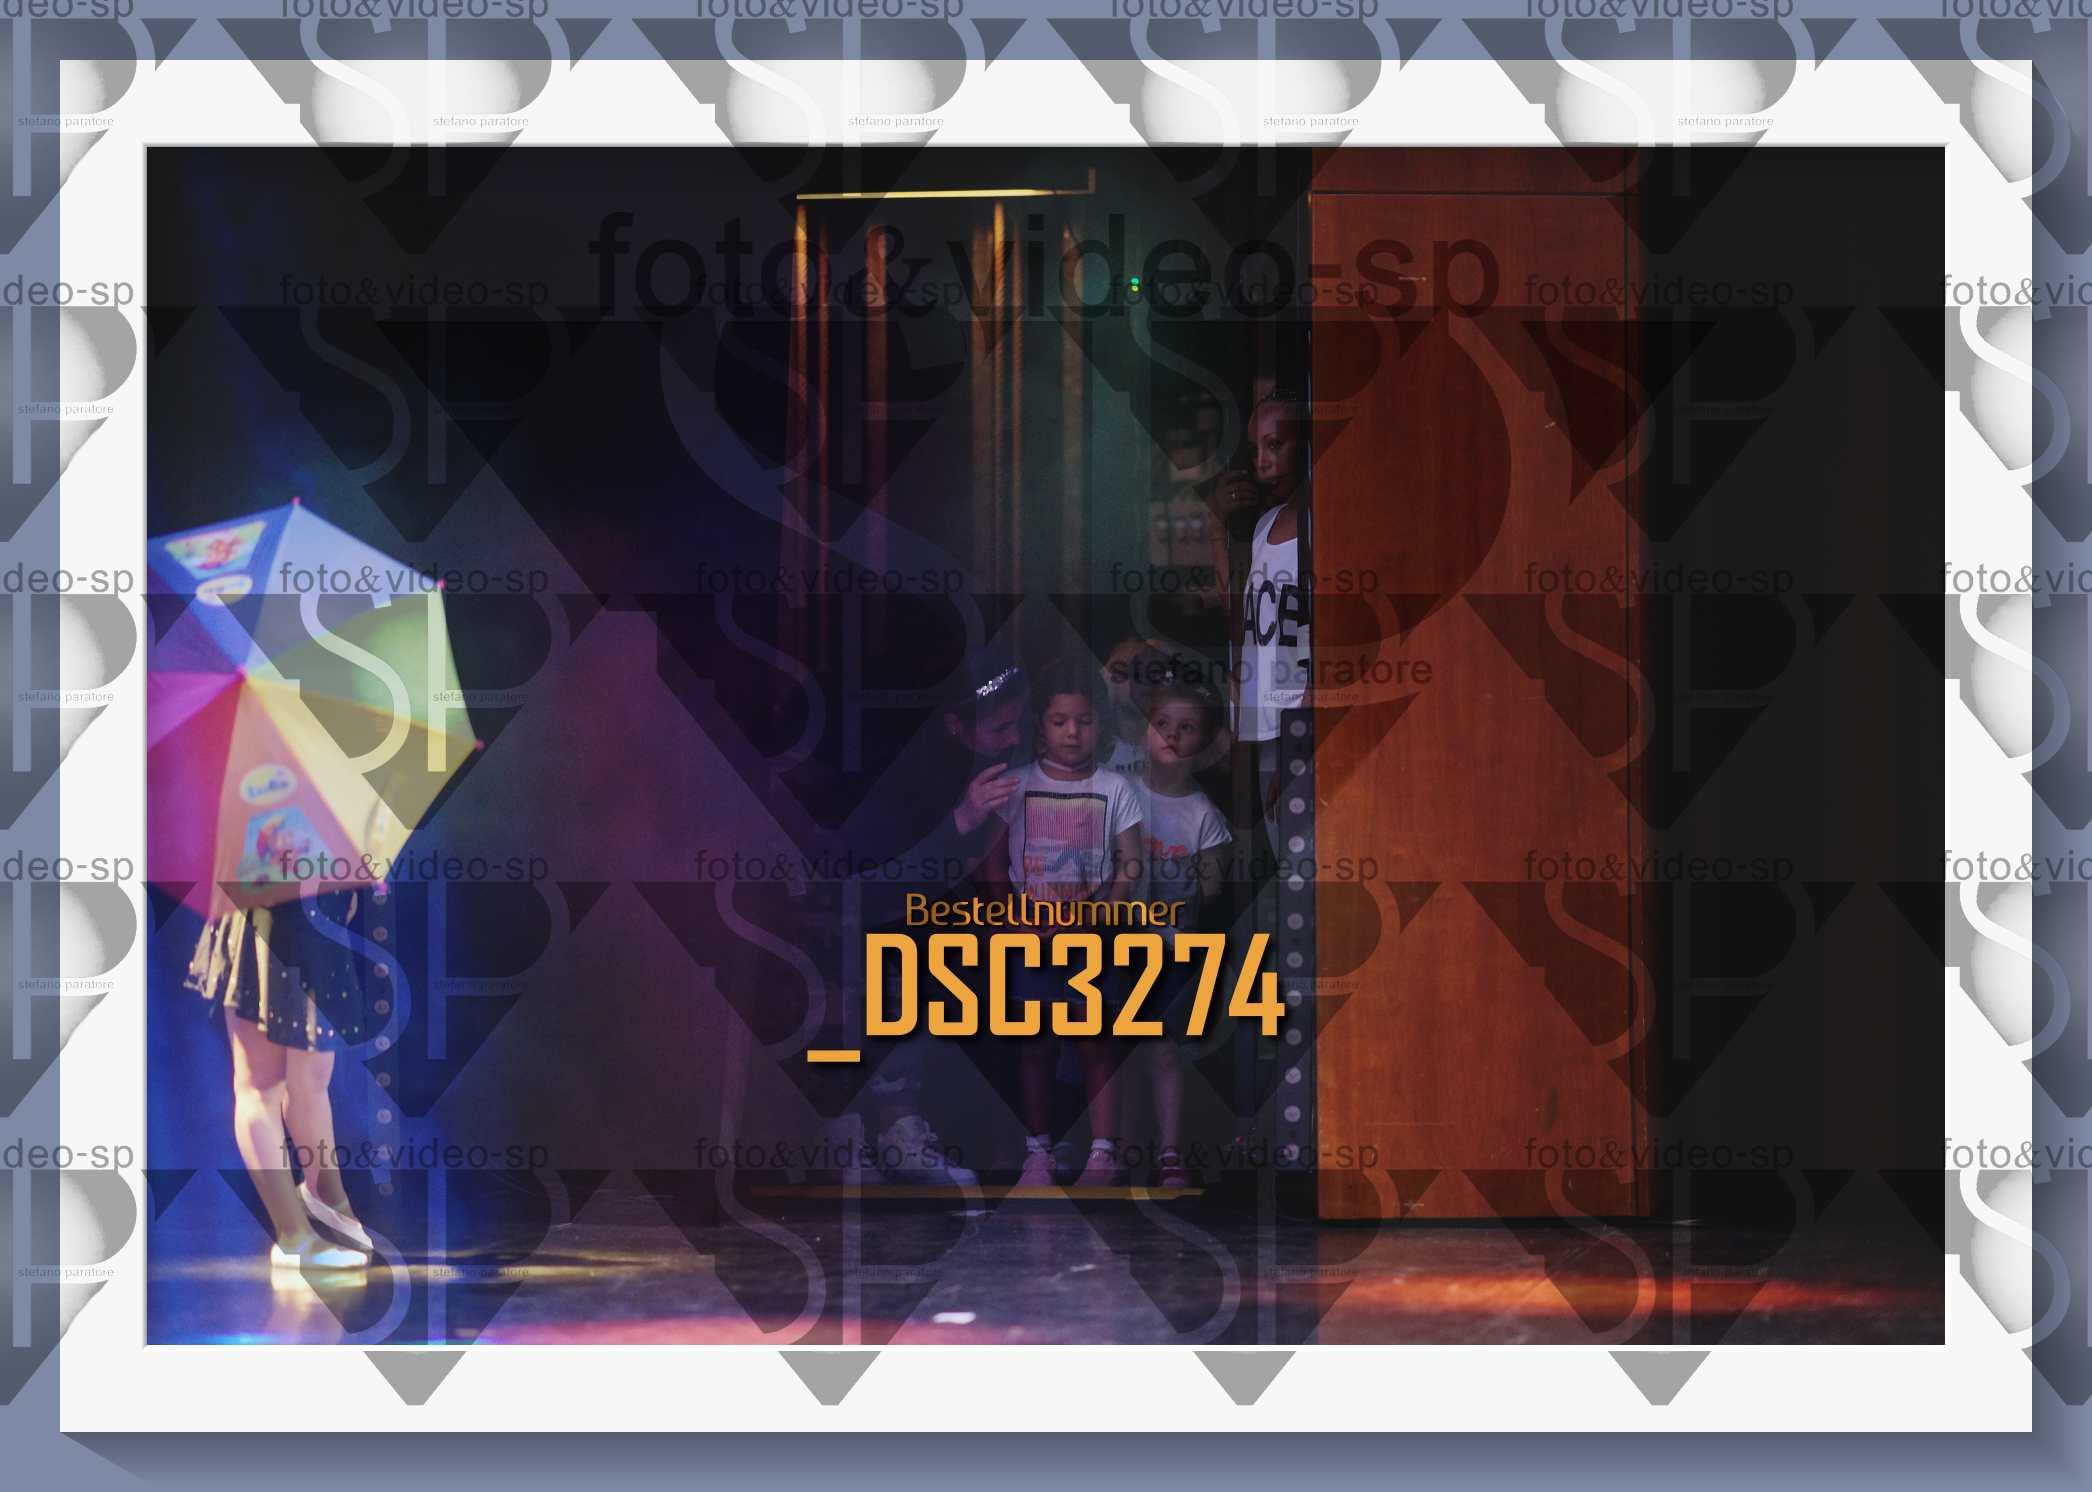 DSC3274